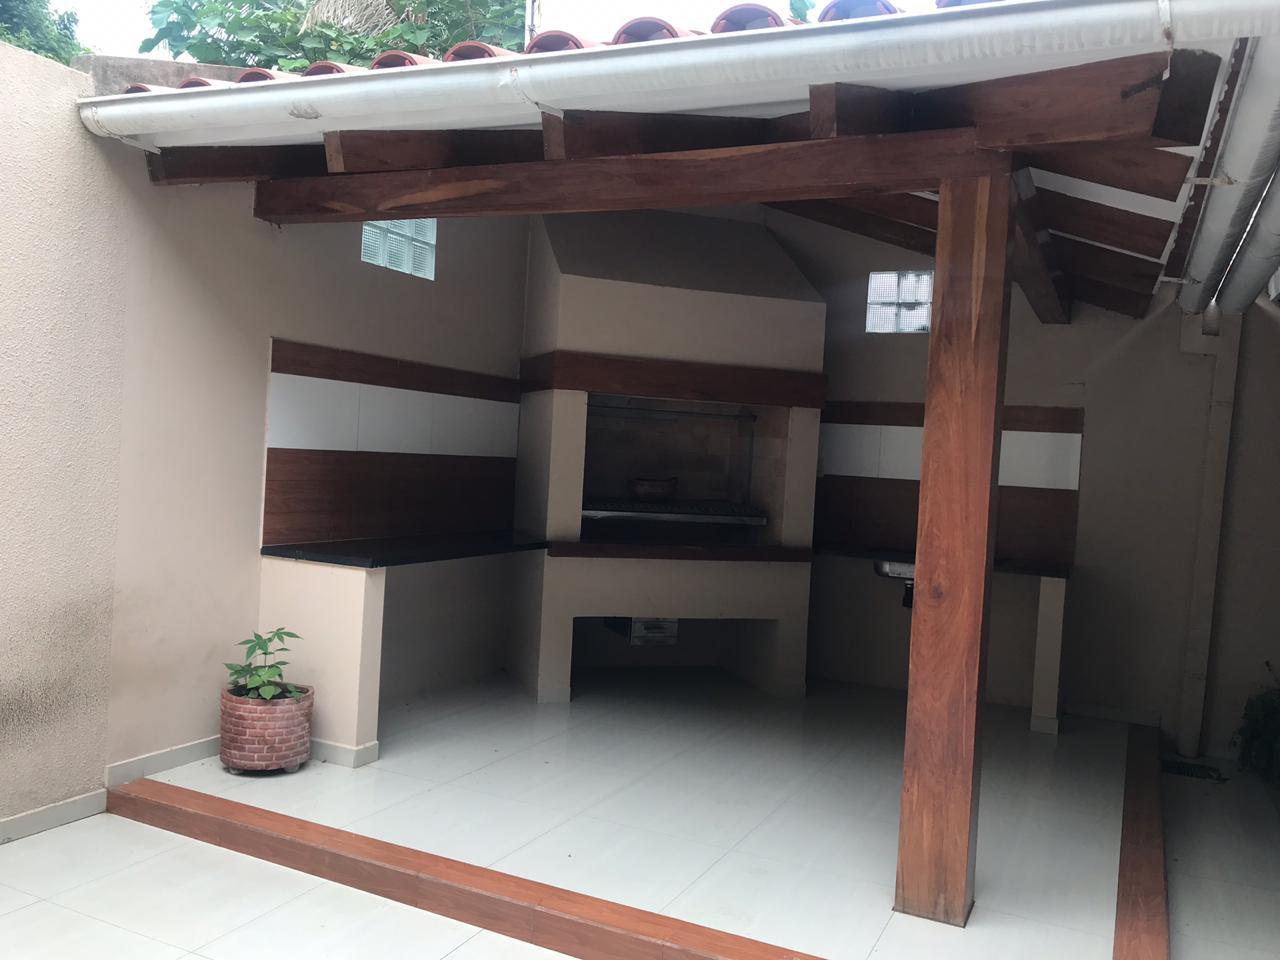 Casa en Venta AV. Hilanderia entre 4to y 5to anillo, entre Av. Pirai y Radial 17/5 Foto 10